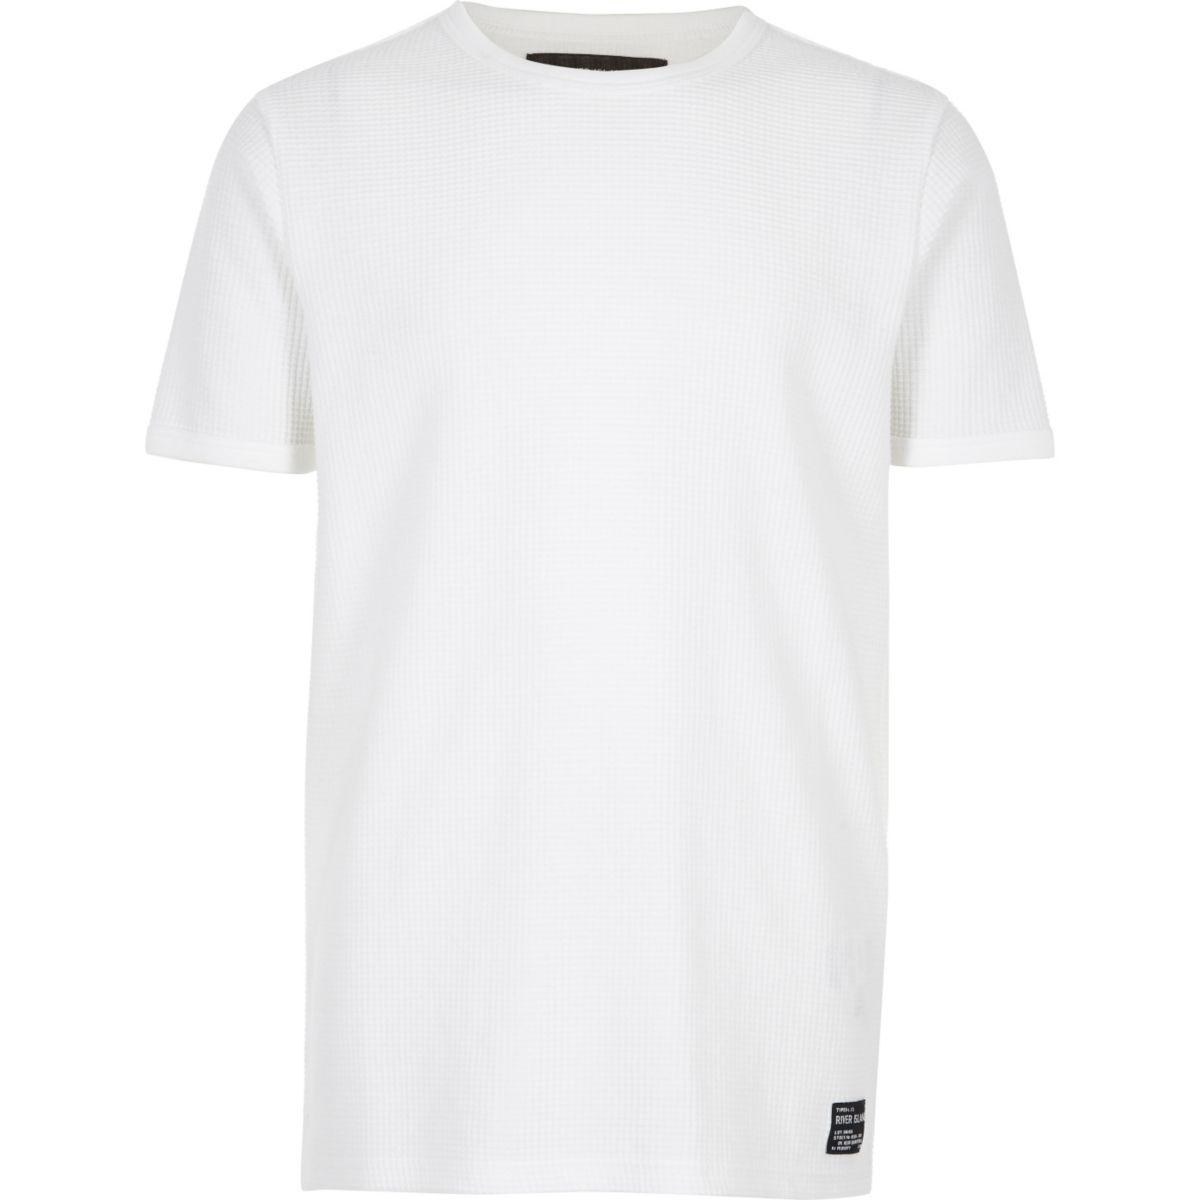 Boys white waffle short sleeve T-shirt